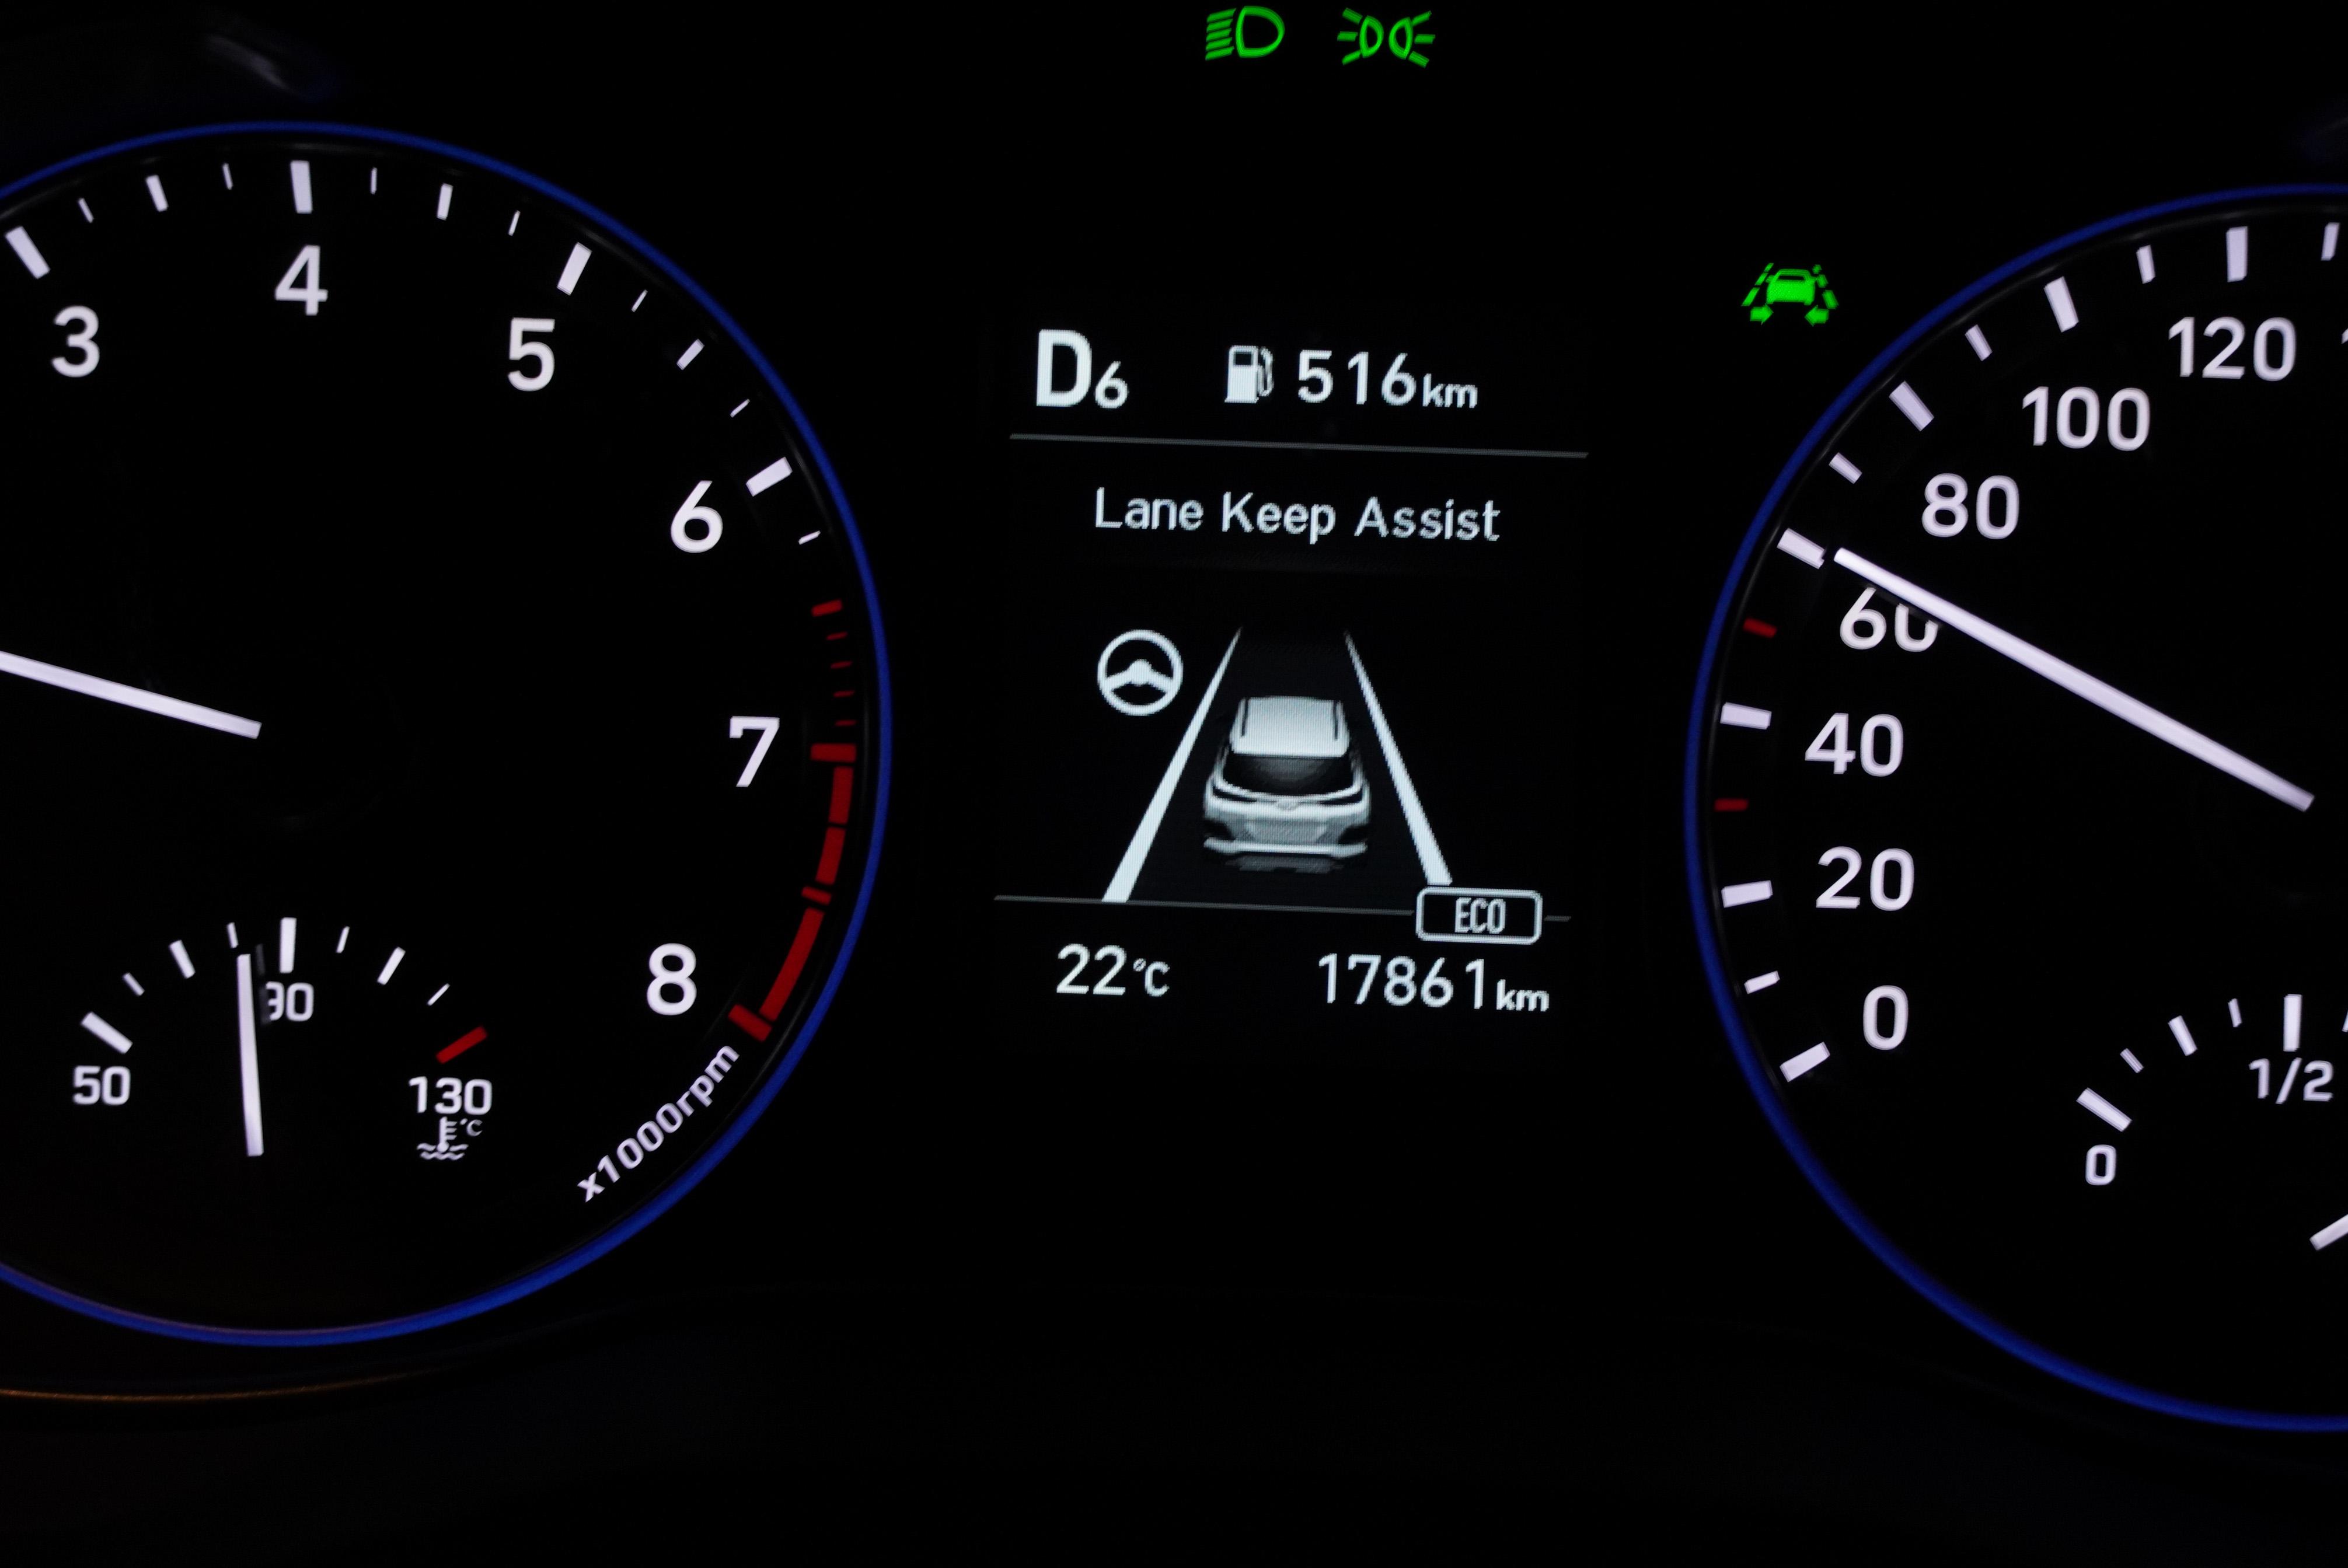 SmartSense 車道偏移輔助會在偵測到車道標線時,方向盤圖案會變成綠色,此時幫助輕微轉向。車輛偏移時會發出聲音警示,並施加修正力道。